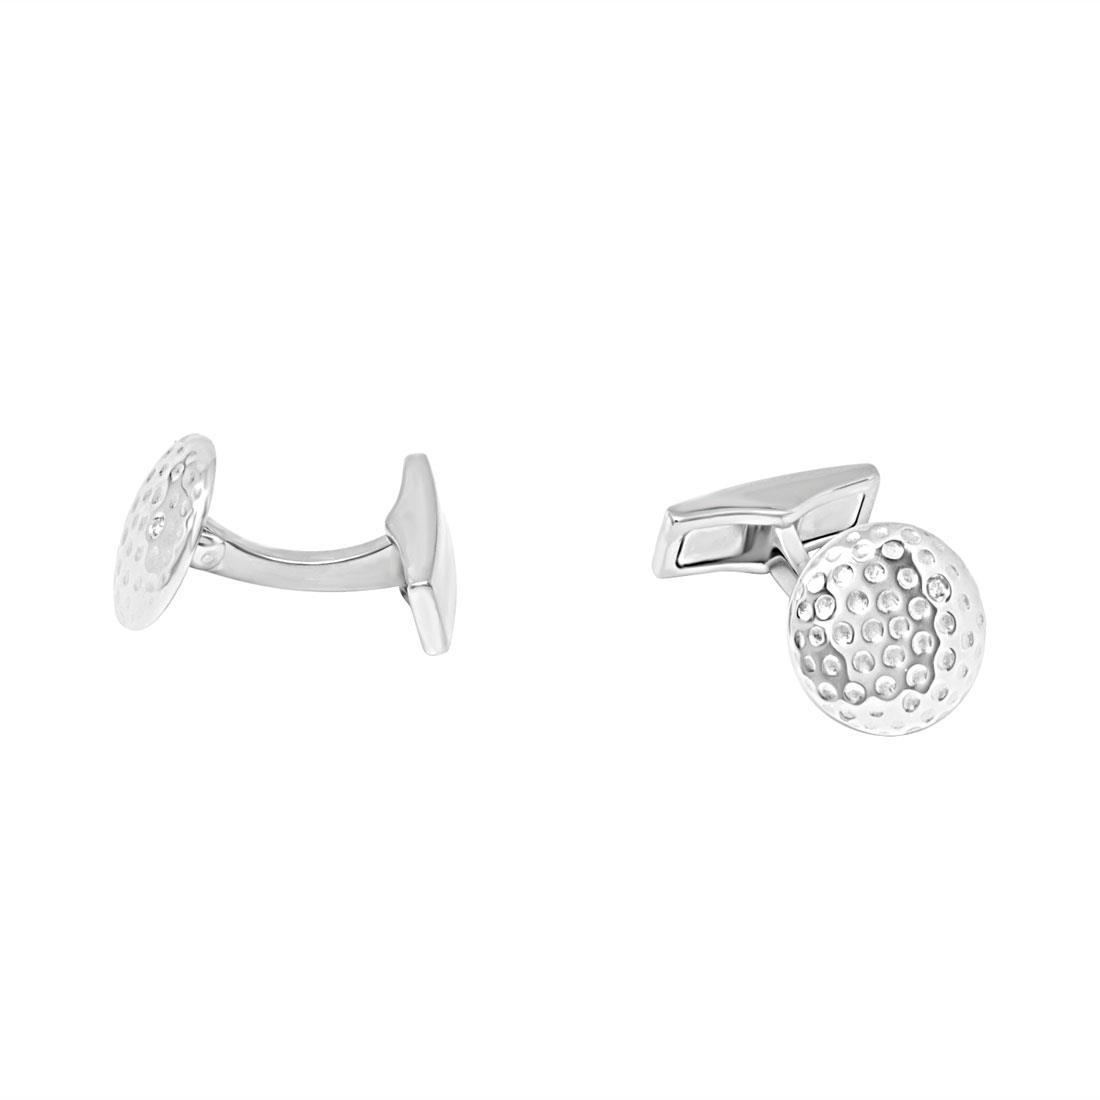 Gemelli Damiani in argento e acciaio con diamante ct 0,01 - DAMIANI